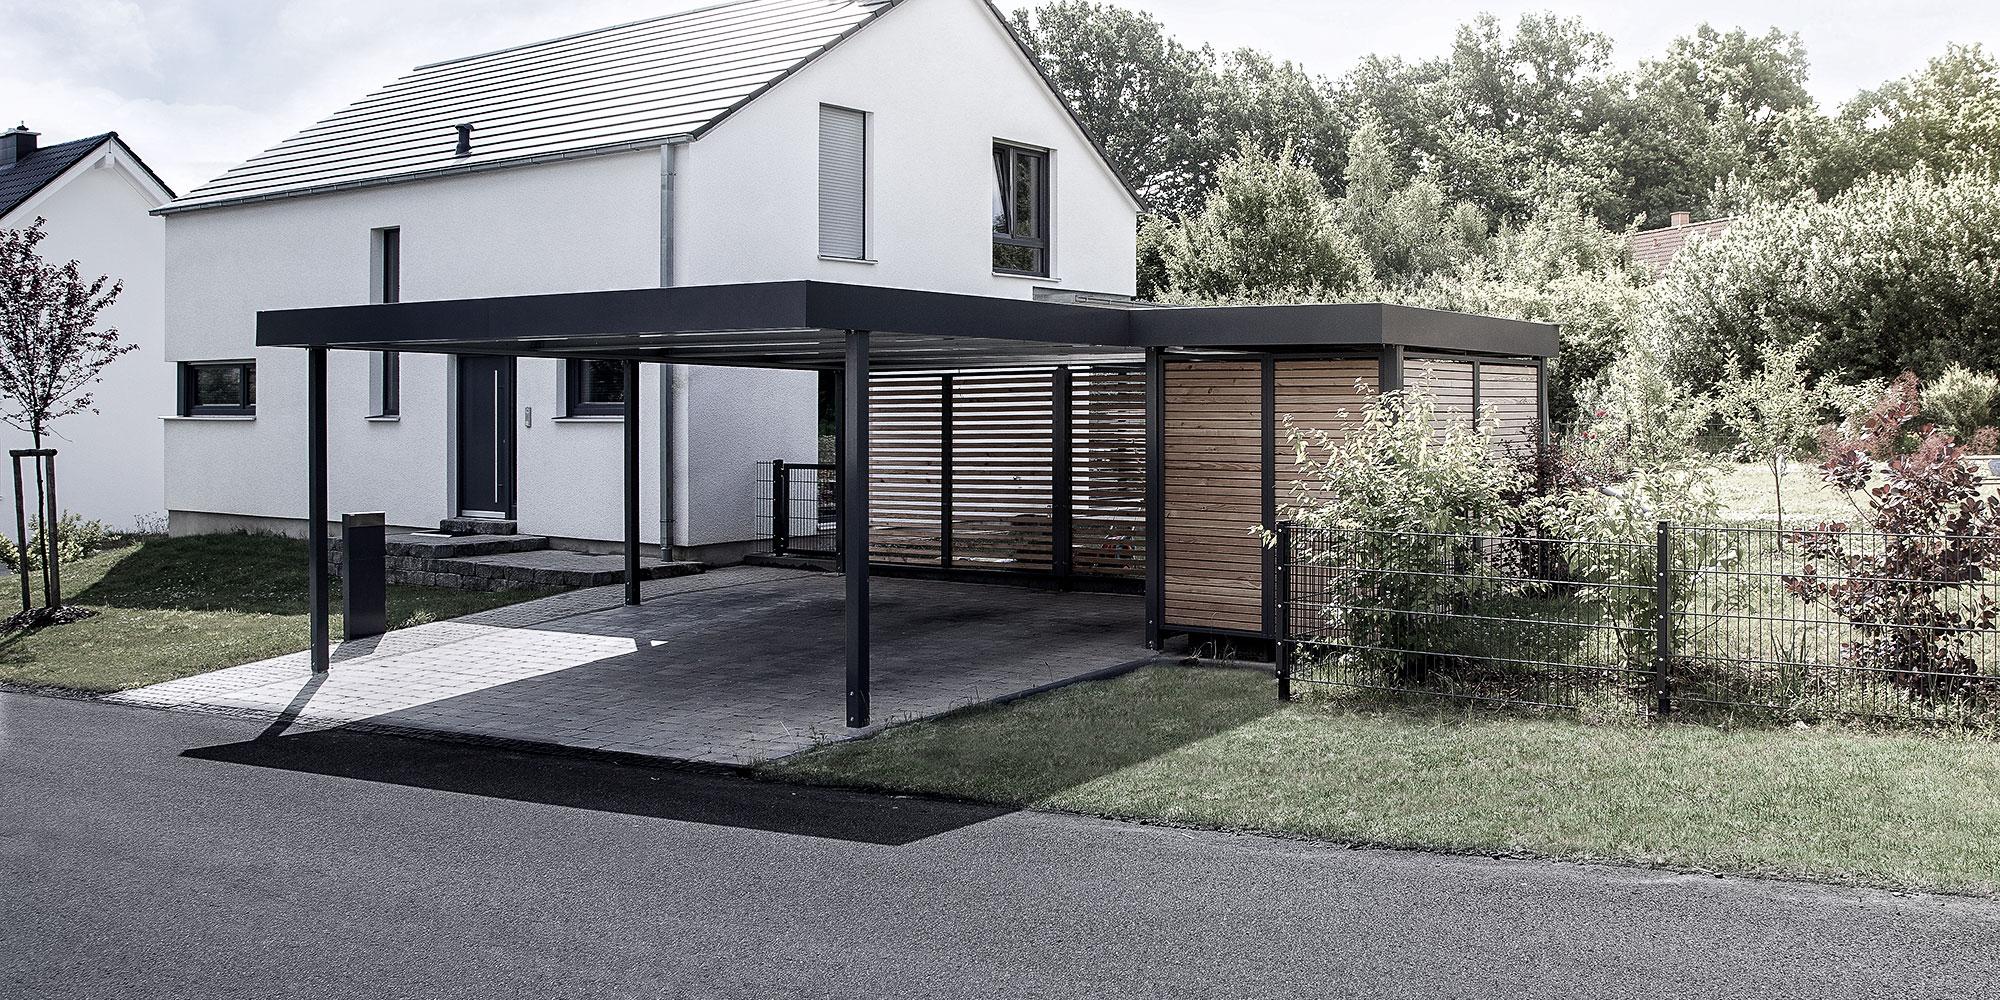 siebau carport erfahrungen bay siebau jetzt finden oder inserieren wurde lackiert abmae m. Black Bedroom Furniture Sets. Home Design Ideas